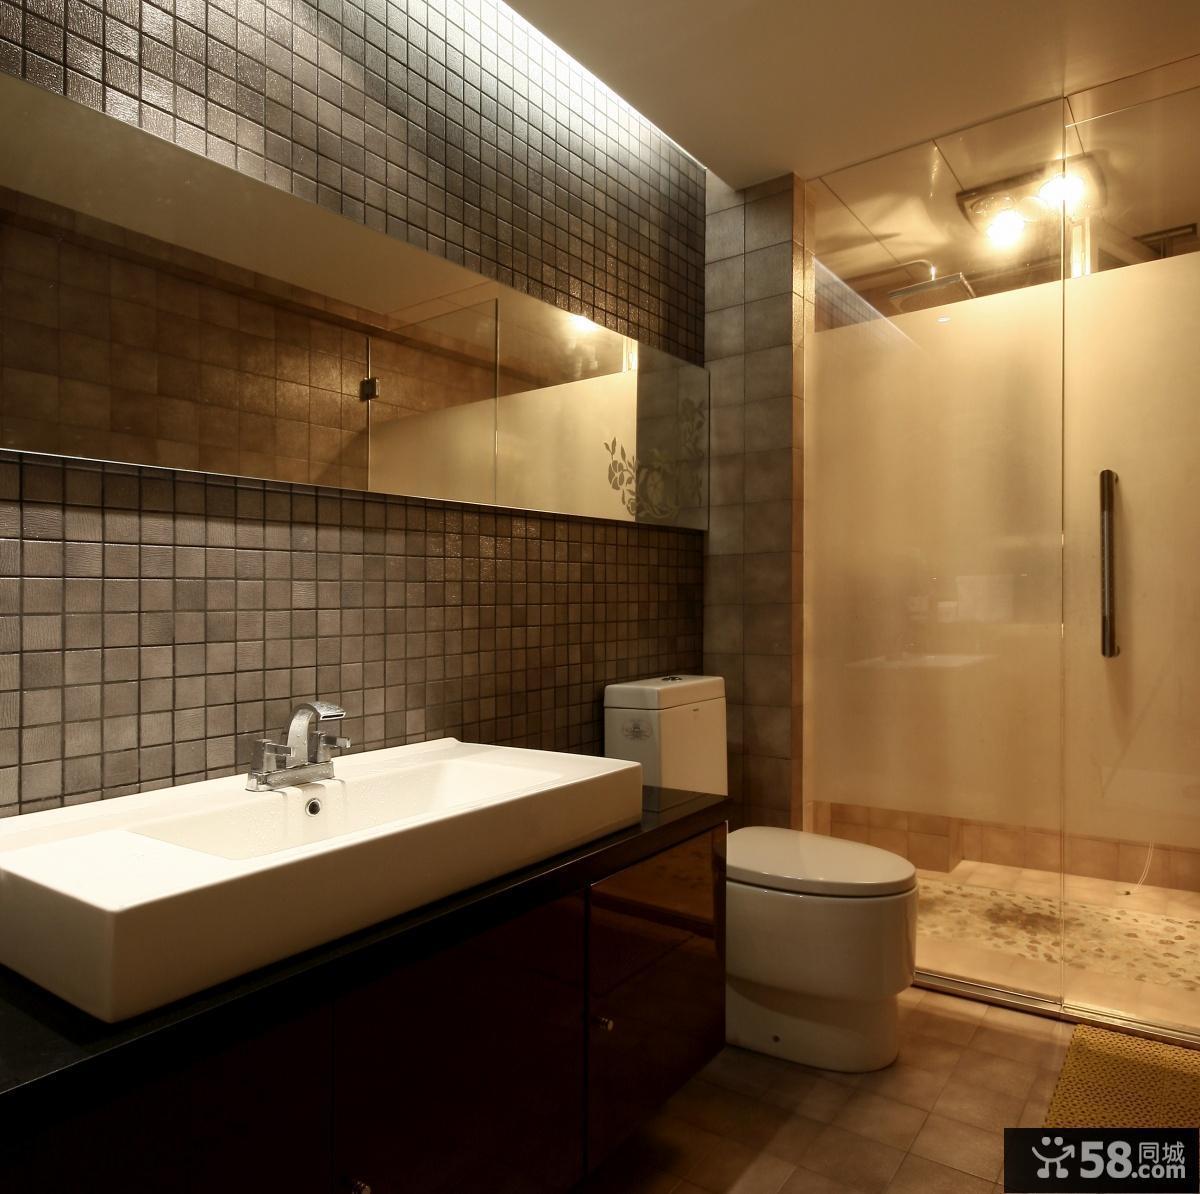 现代风格卫生间瓷砖设计效果图